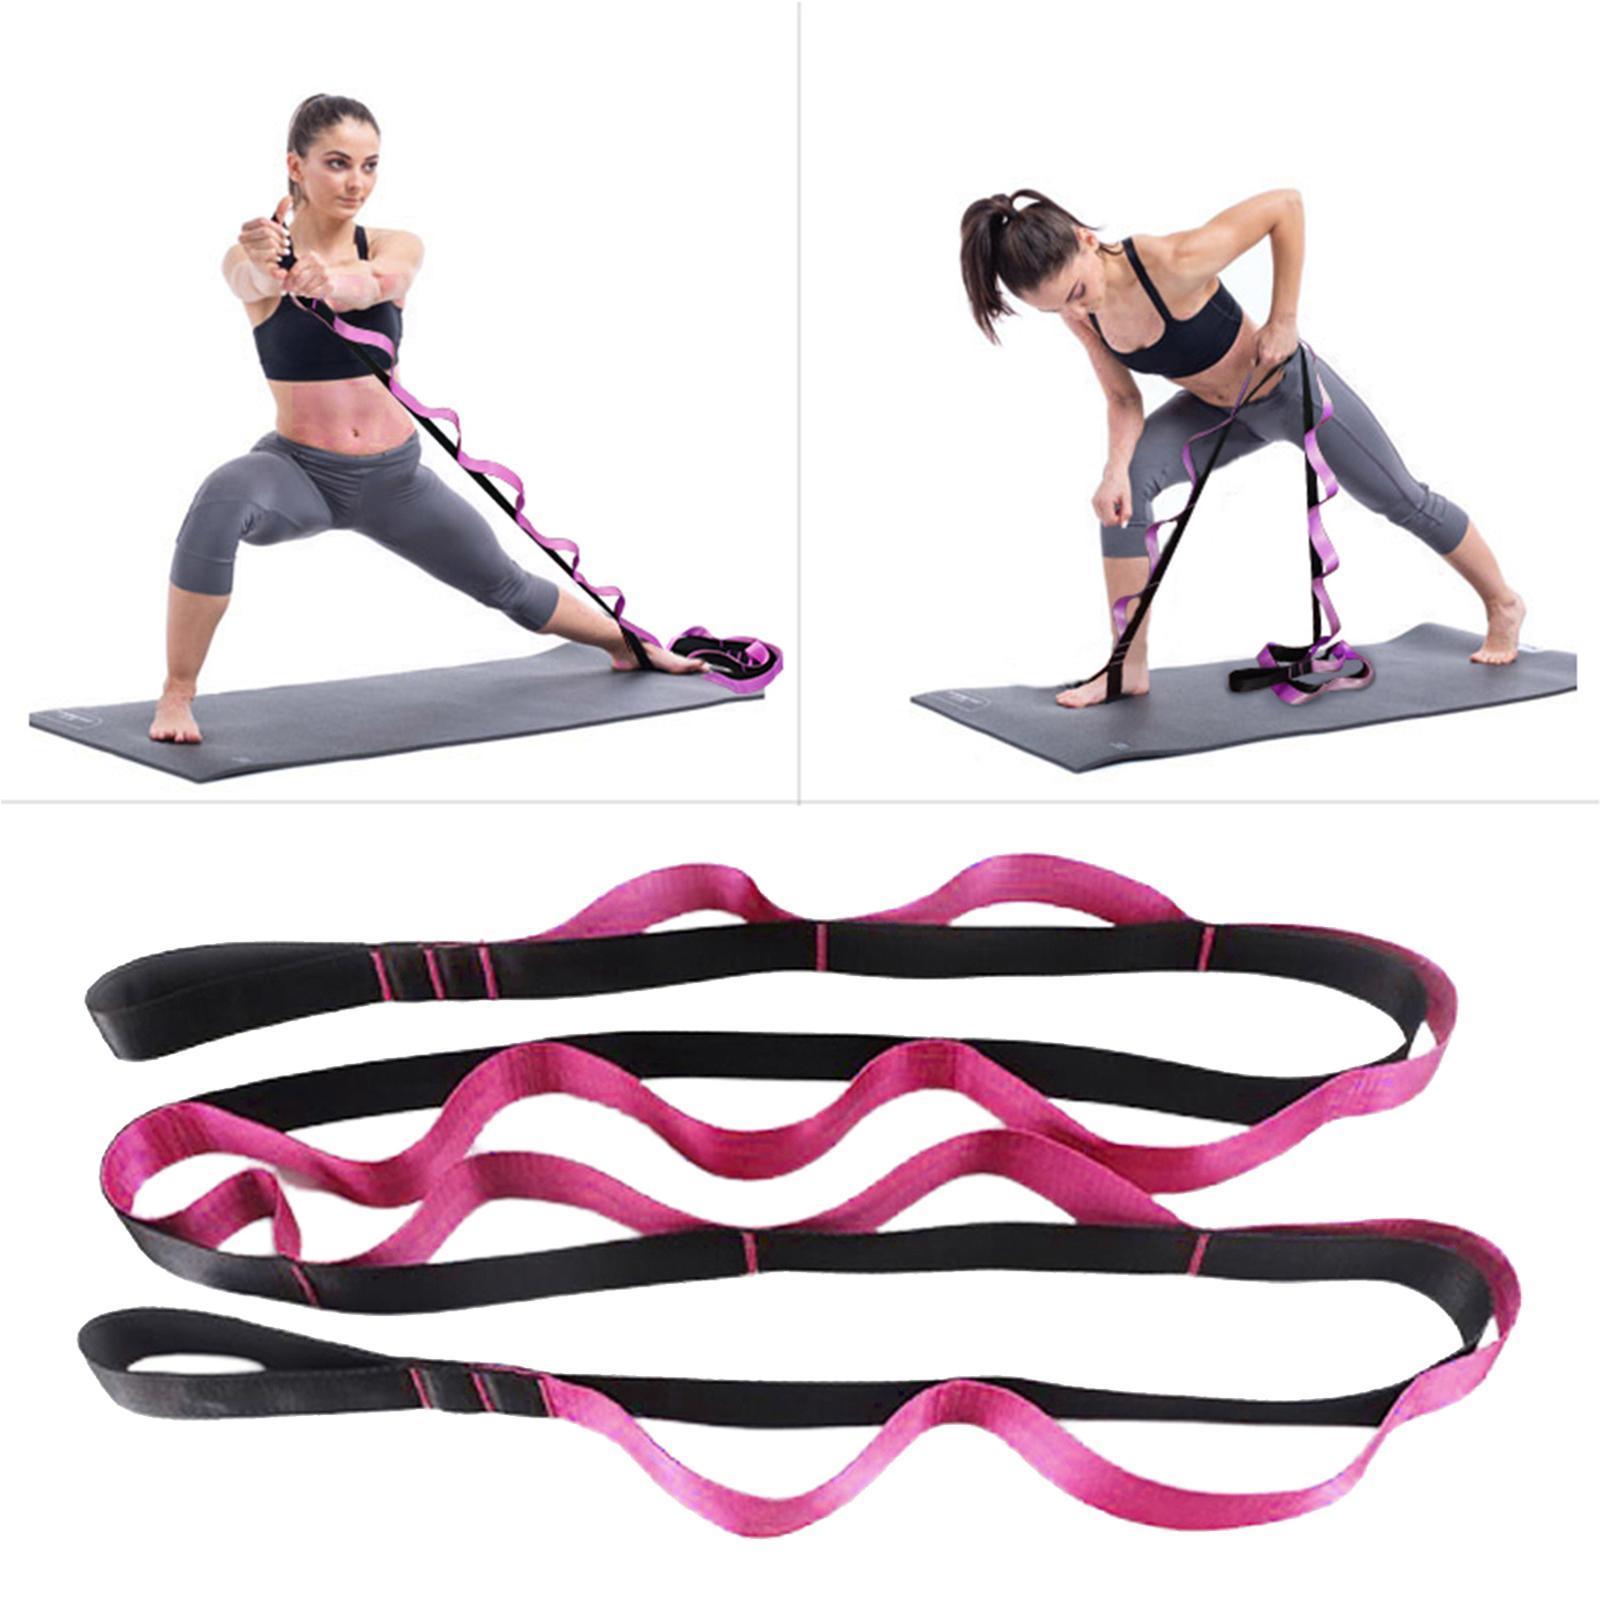 miniatura 28 - Pierna camilla yoga Stretch Strap Latin Dance Gymnastic pull cinturón flexibilidad